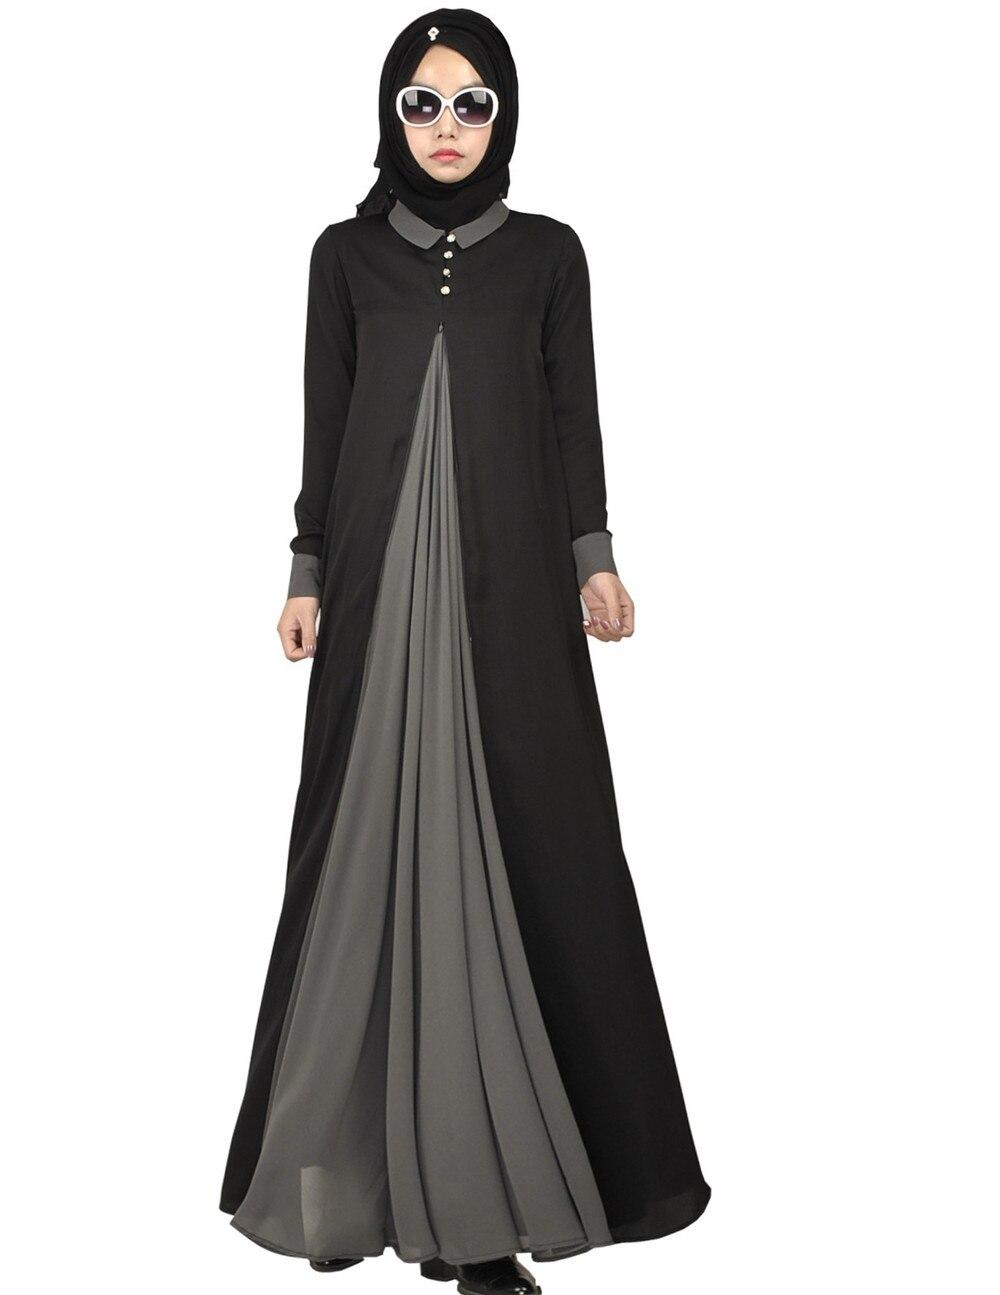 2018 nouveauté islamique musulman longue robe pour les femmes malaisie abayas à dubaï turc dames vêtements de haute qualité longue robe KJ